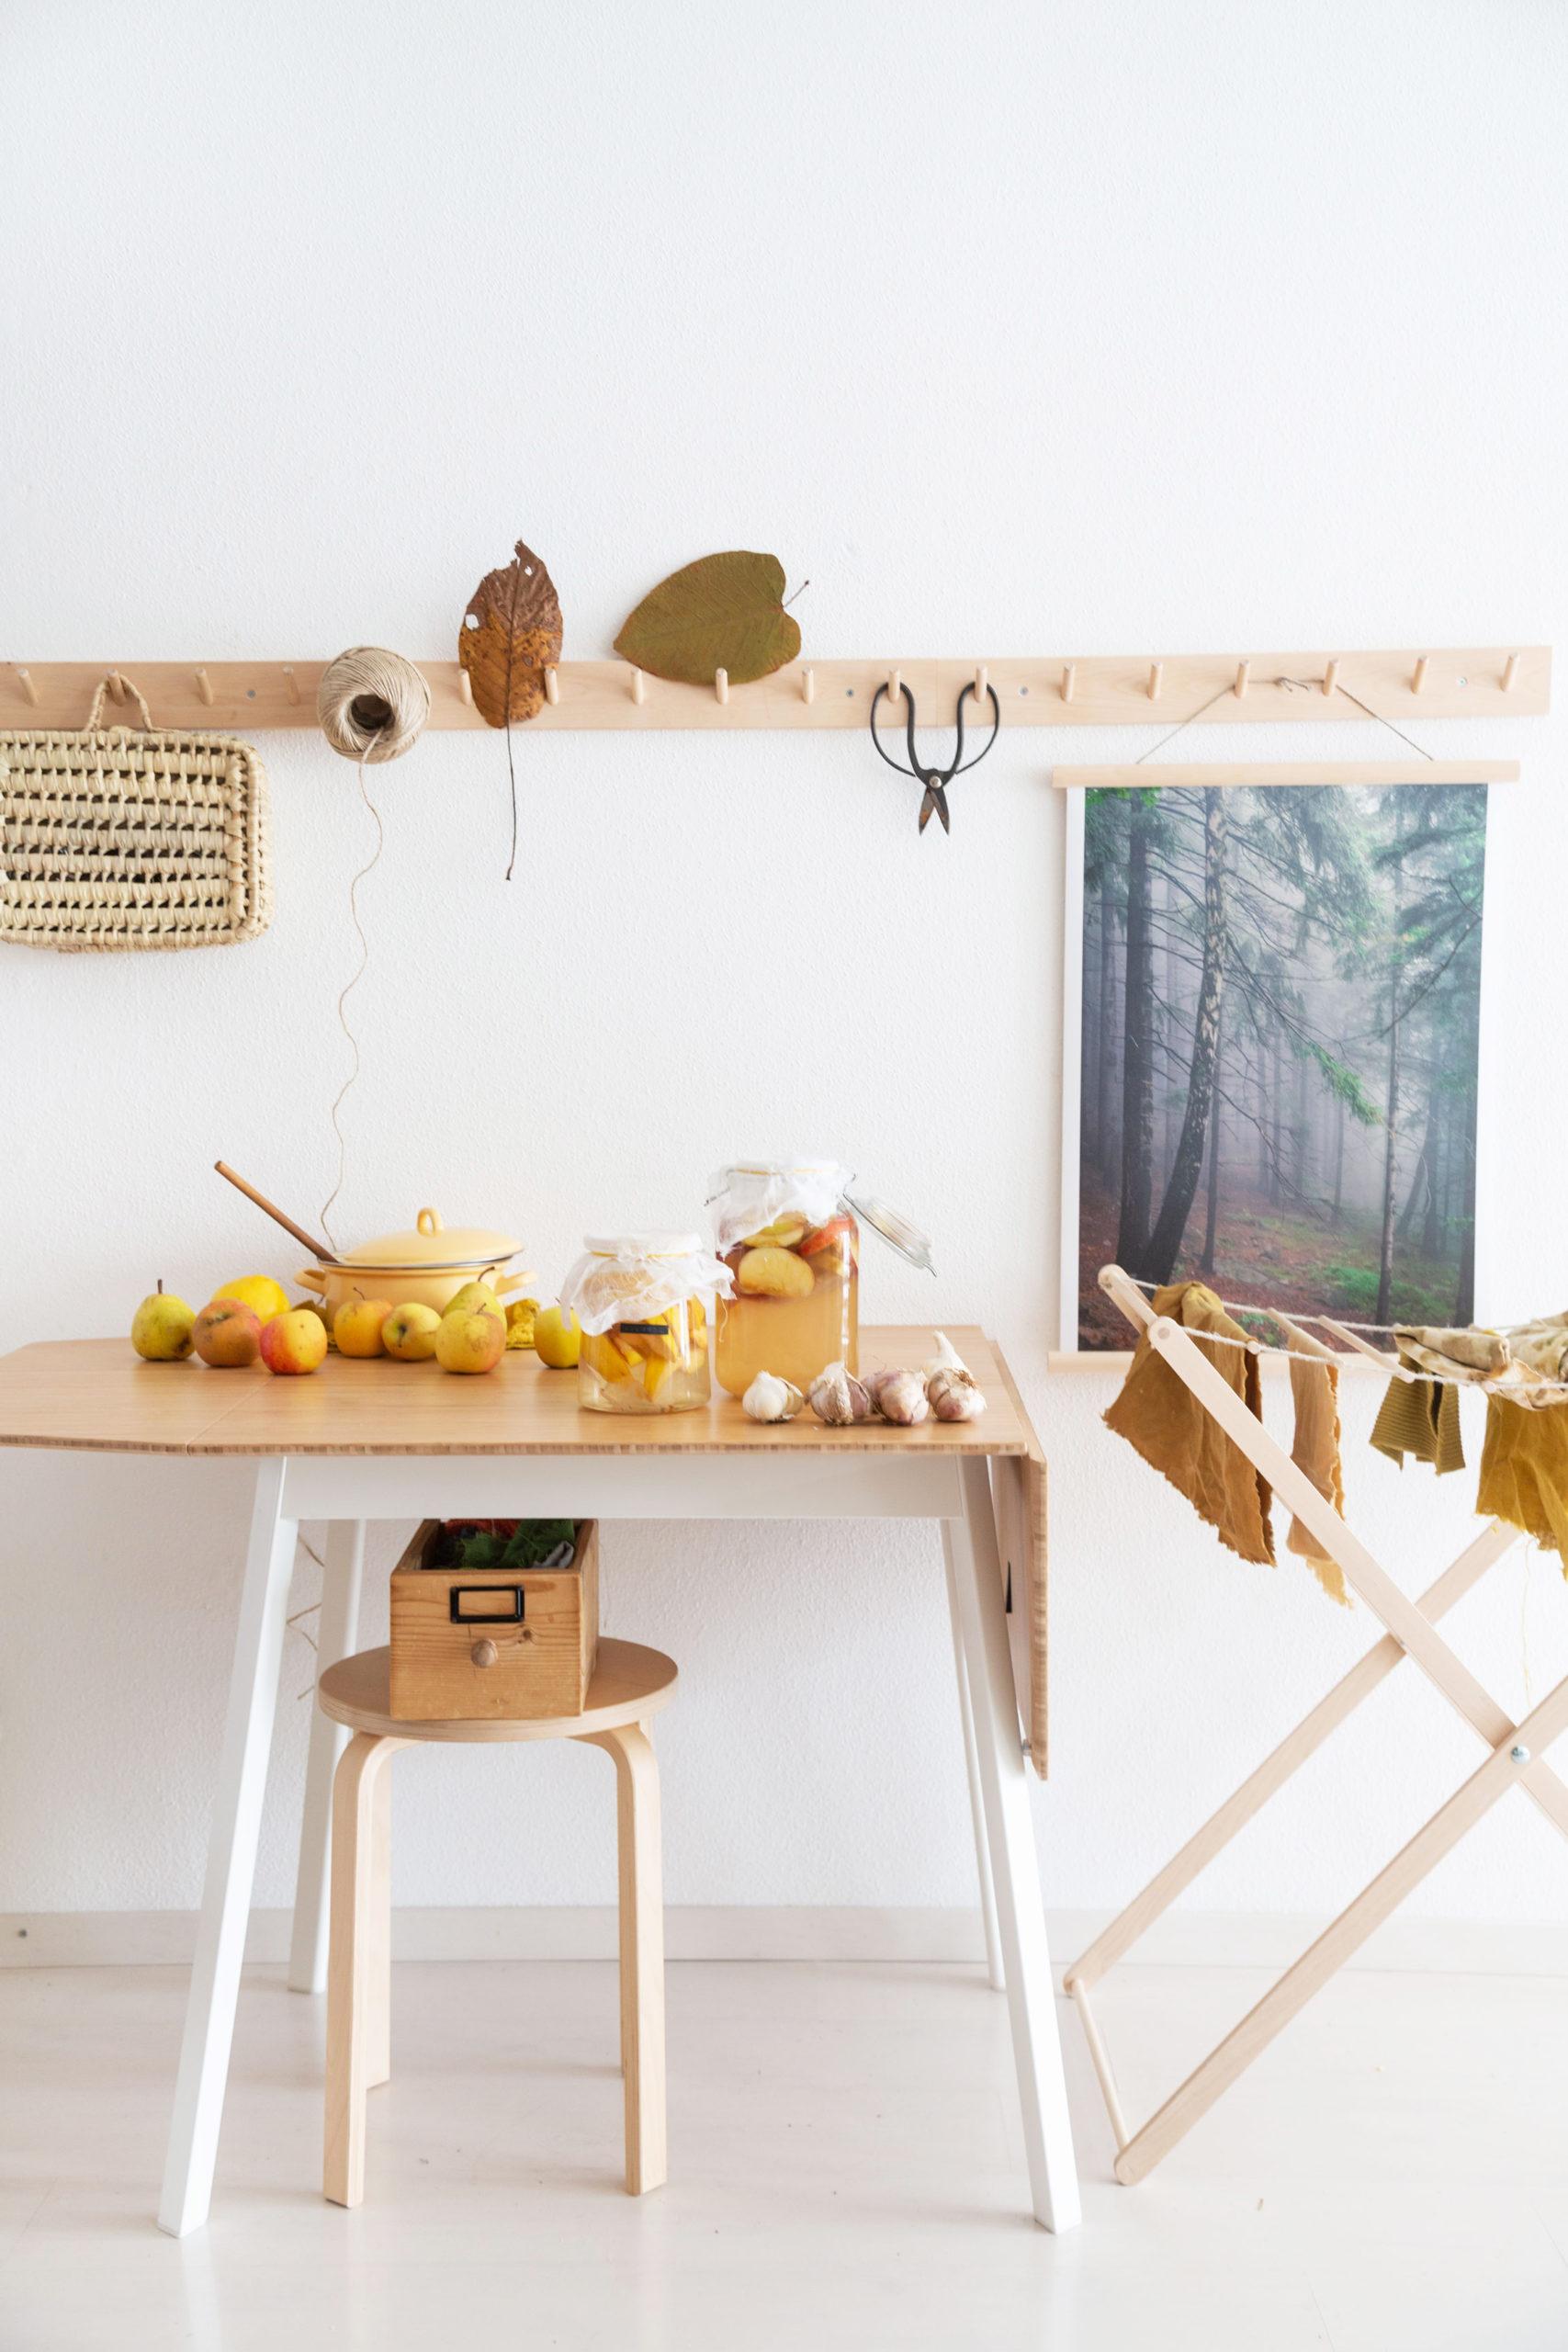 Apfelessig selber machen - Einfaches Rezept (Teil 1) - Essiggläser auf Holztisch vor weißer Wand mit Holz-Hakenleiste und Herbst-Deko | Syl Gervais - Vegane Rezepte